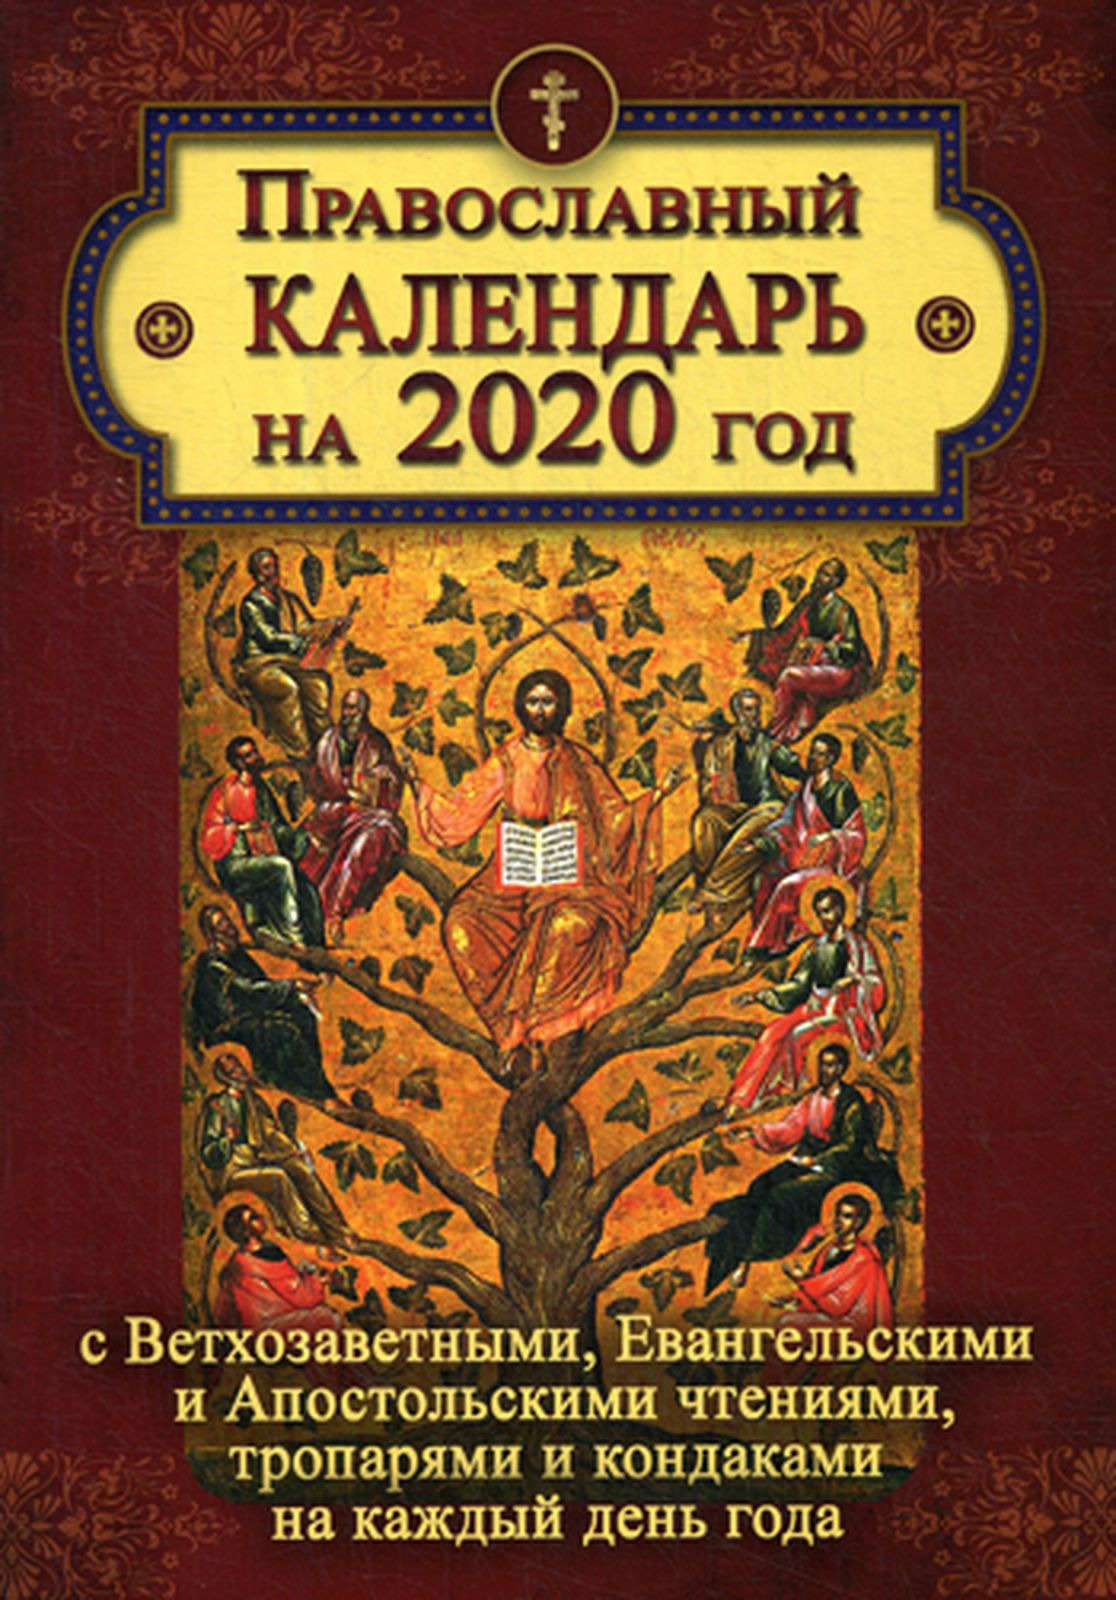 Православный календарь на 2020 год с Ветхозаветными, Евангельскими и Апостольскими чтениями, тропарями и кондаками на каждый день